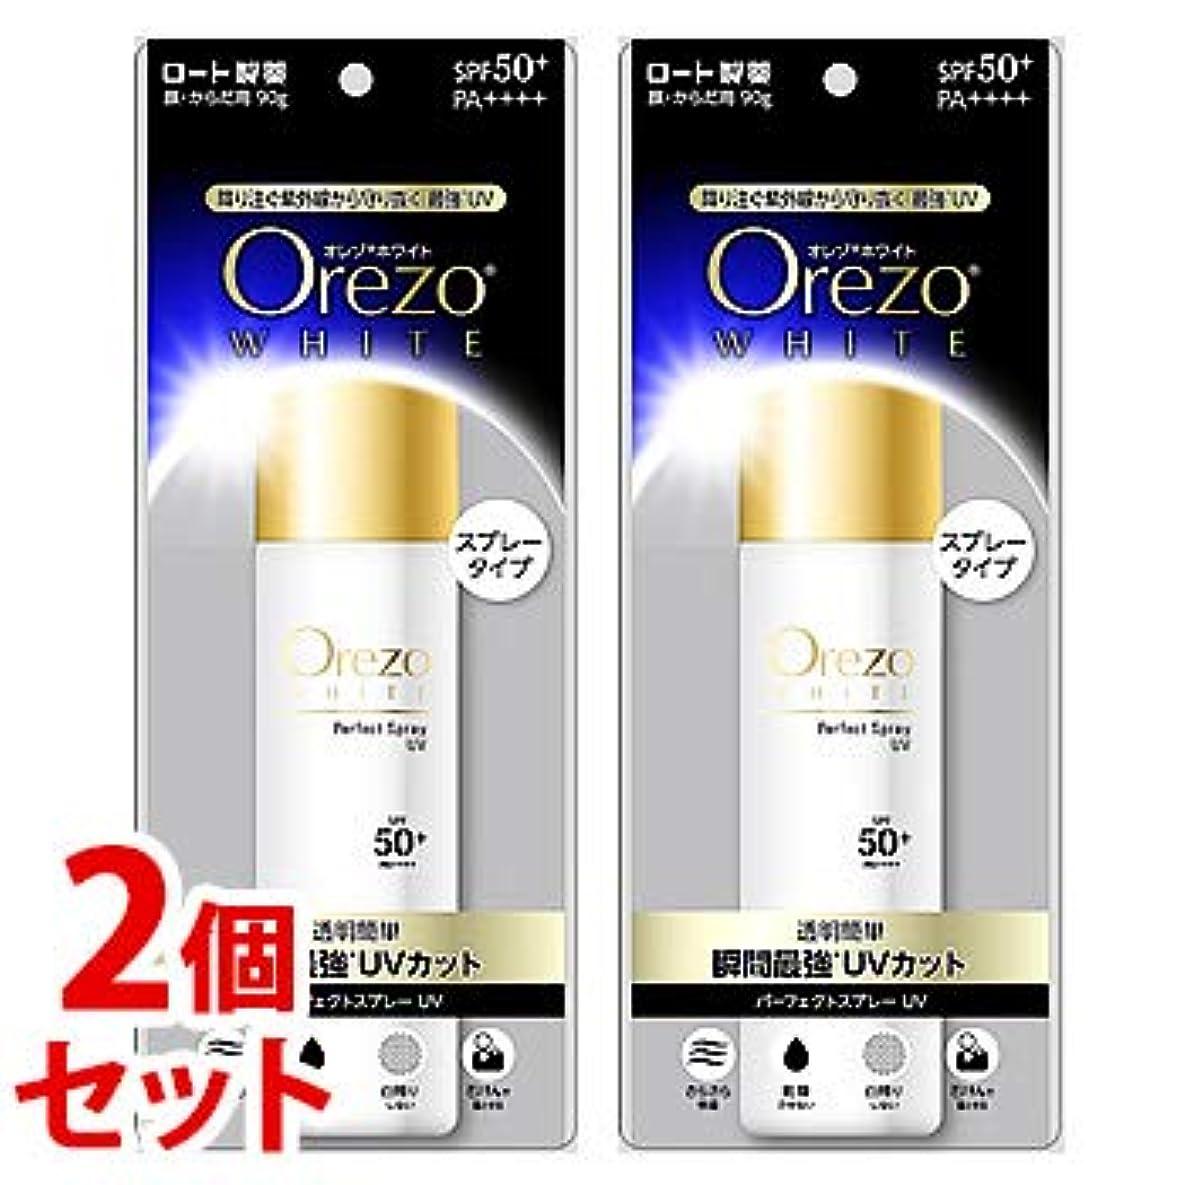 篭憤るまたはどちらか《セット販売》 ロート製薬 Orezo オレゾ ホワイト パーフェクトスプレーUV SPF50+ PA++++ (90g)×2個セット 顔?からだ用 日やけ止め スプレータイプ